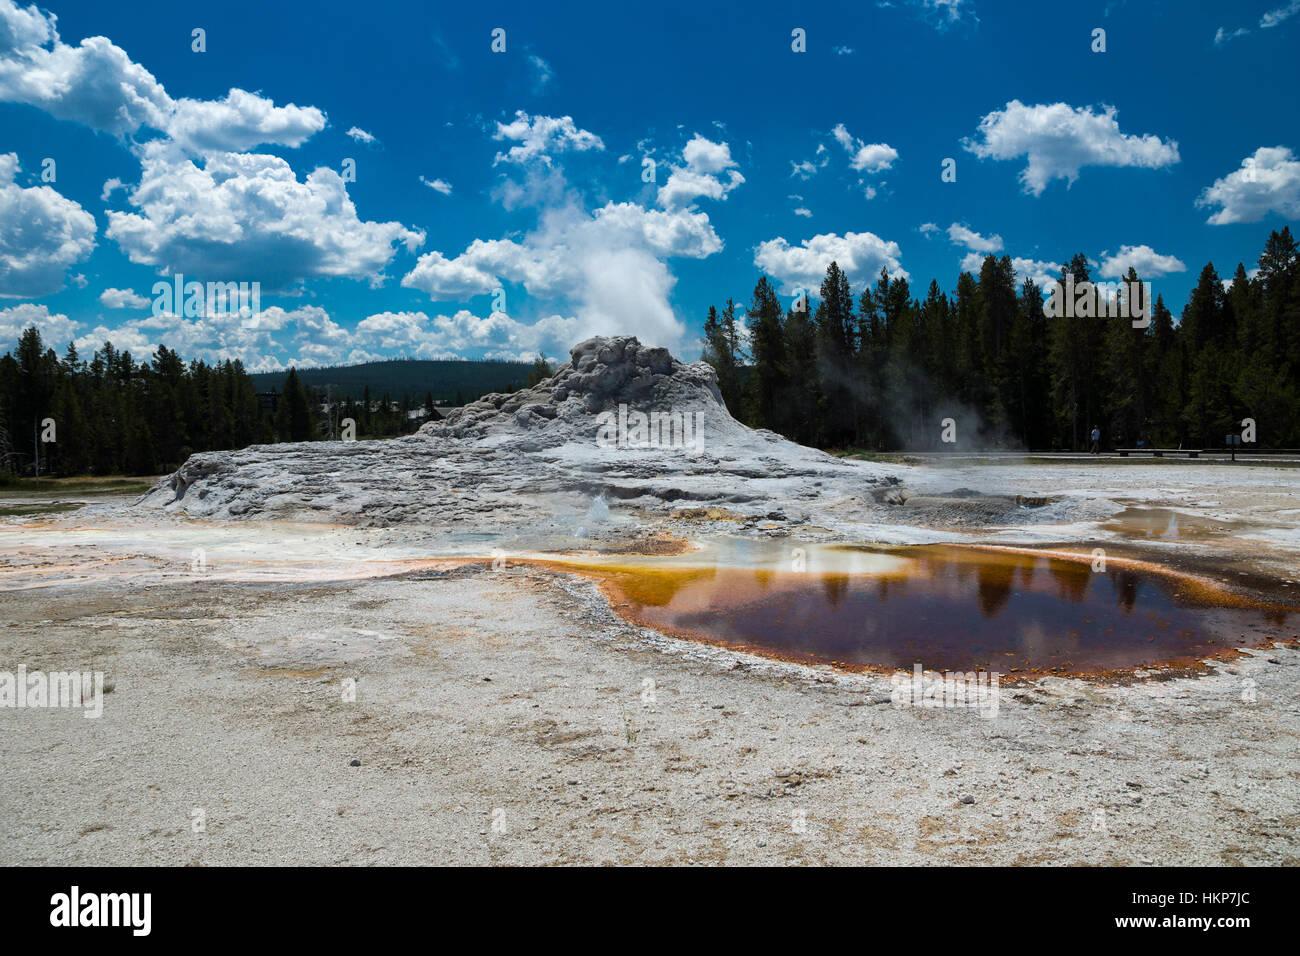 La Cuenca del Géiser Superior, el Parque Nacional Yellowstone, Wyoming, EE.UU. Foto de stock